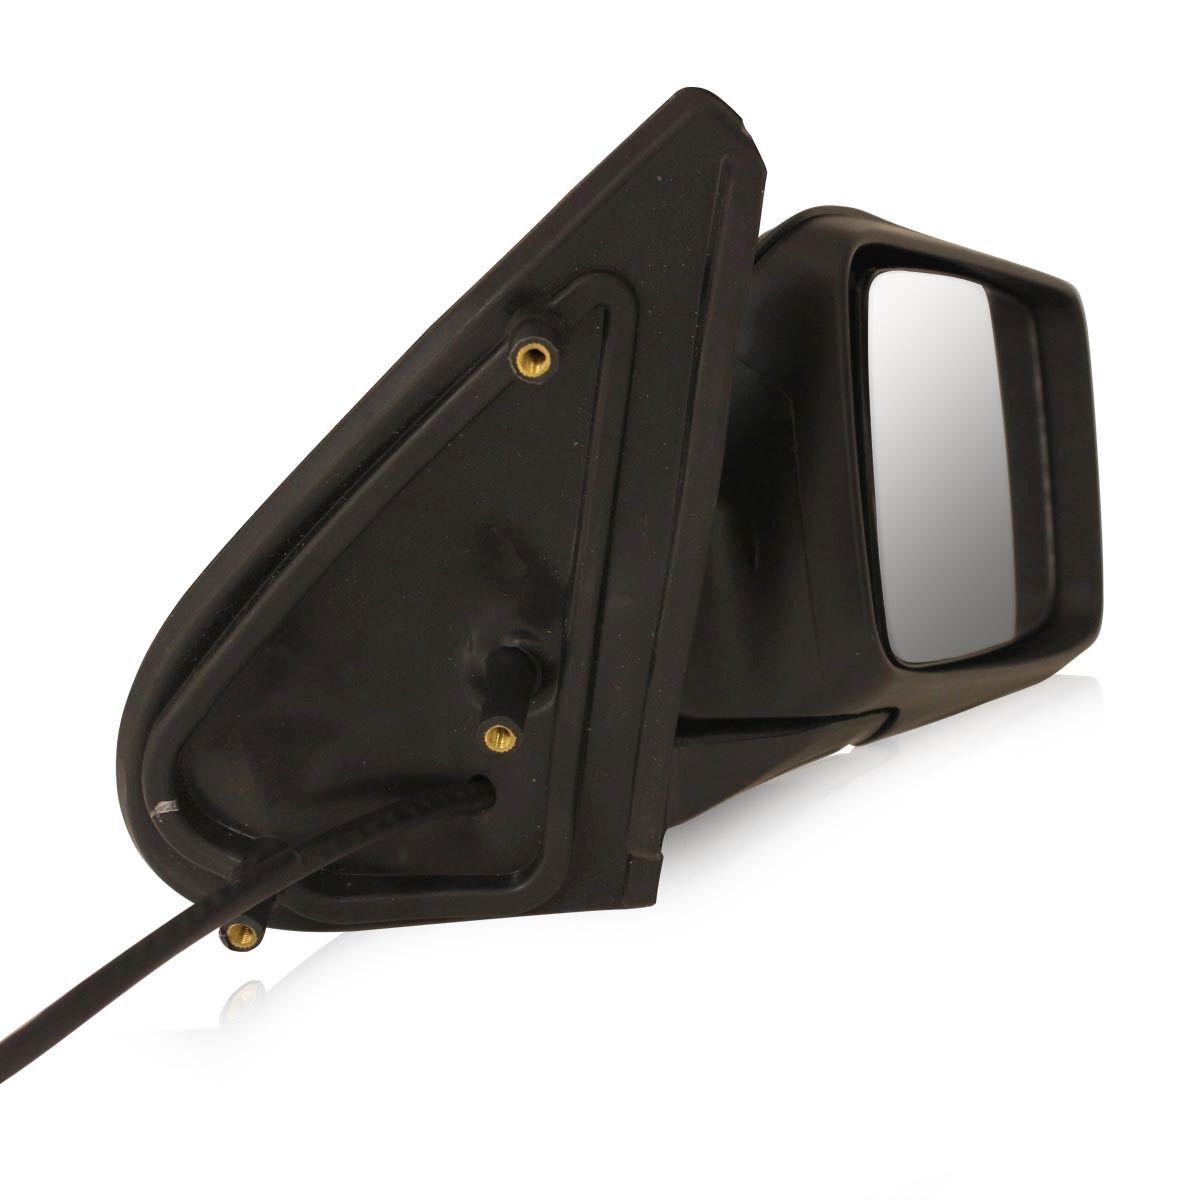 retrovisor Golf Alemao Mexicano 93 94 95 96 97 98 regulagem manual